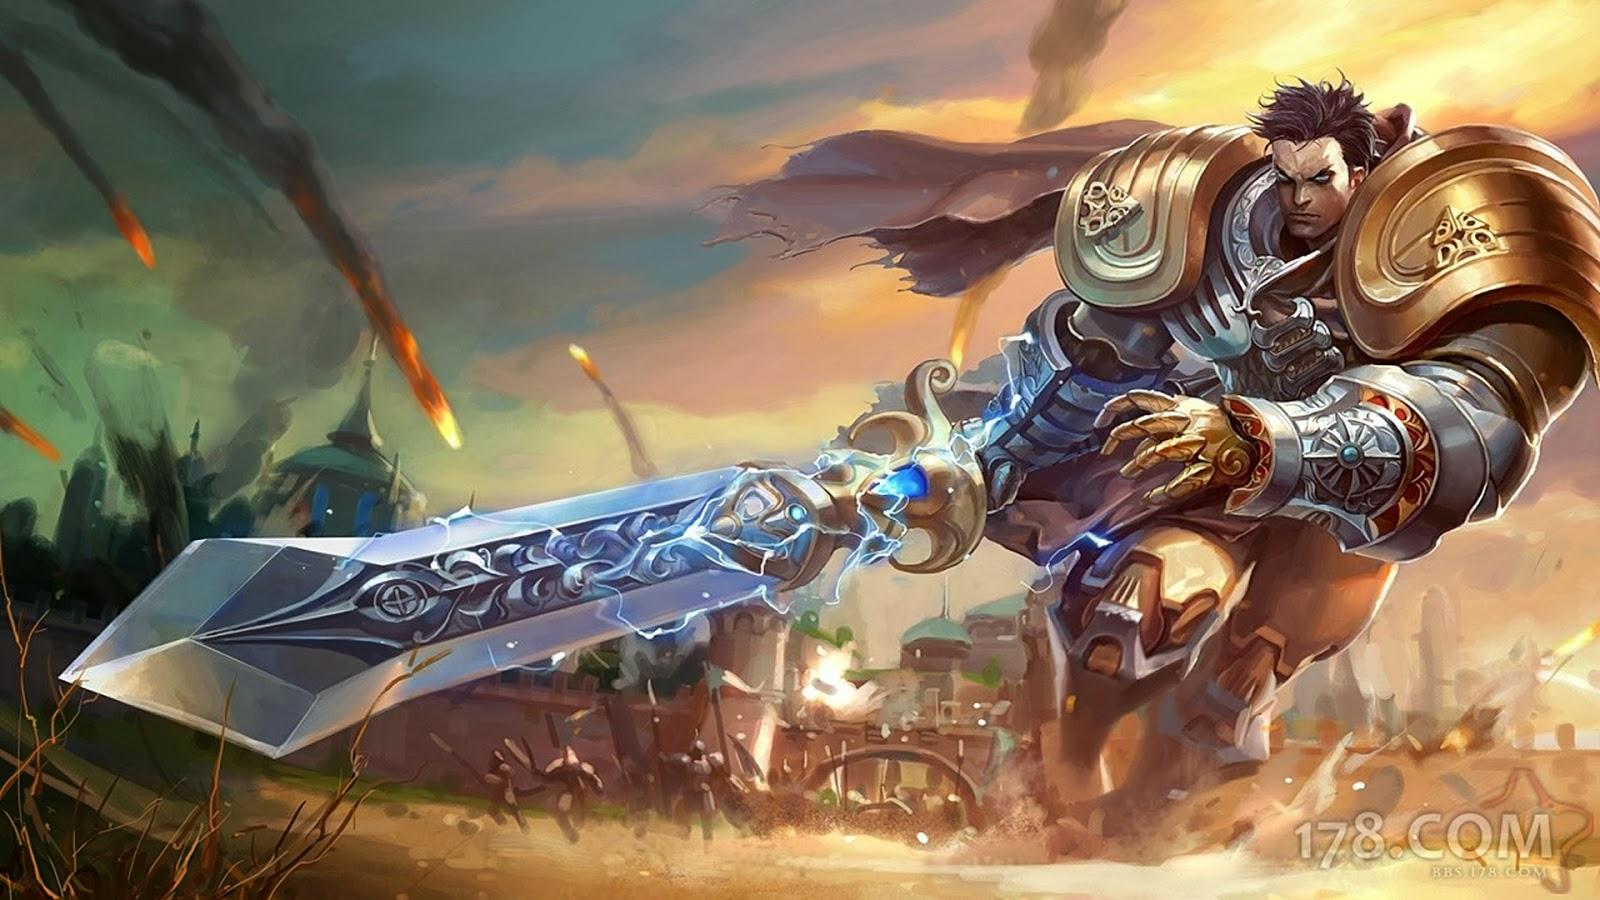 Garen League of Legends Wallpaper, Garen Desktop Wallpaper